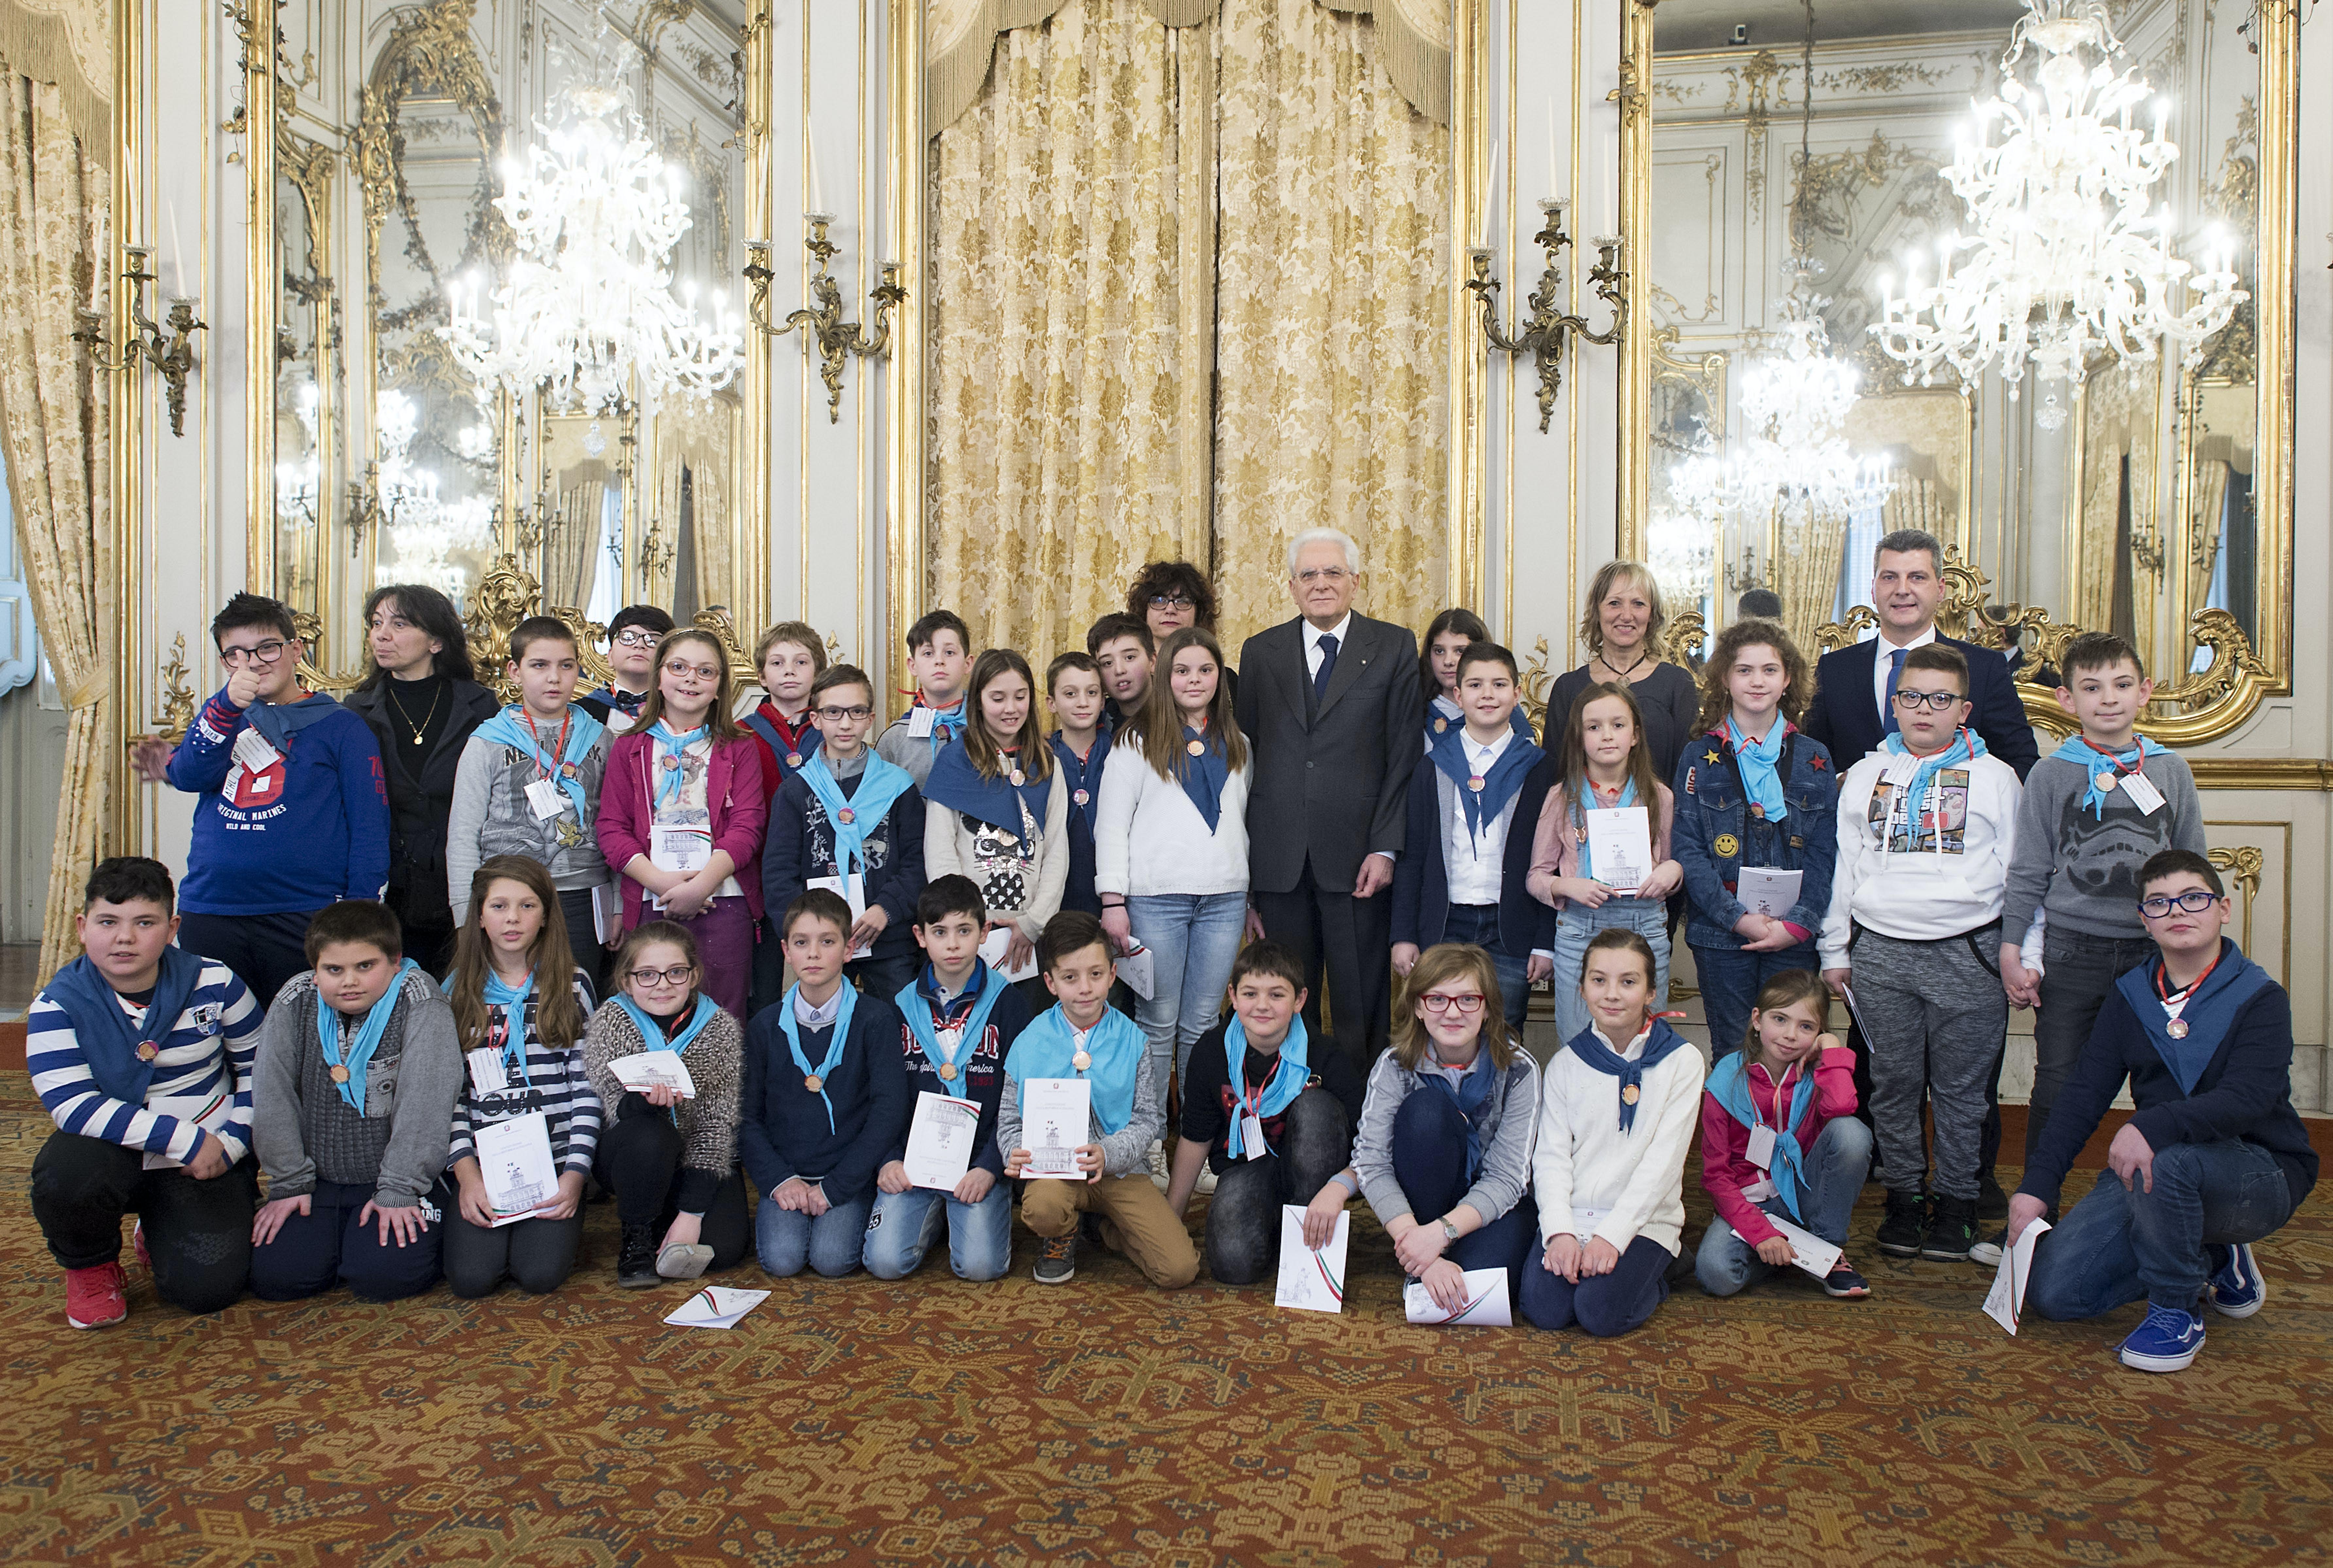 Foto di gruppo con il Presidente Mattarella